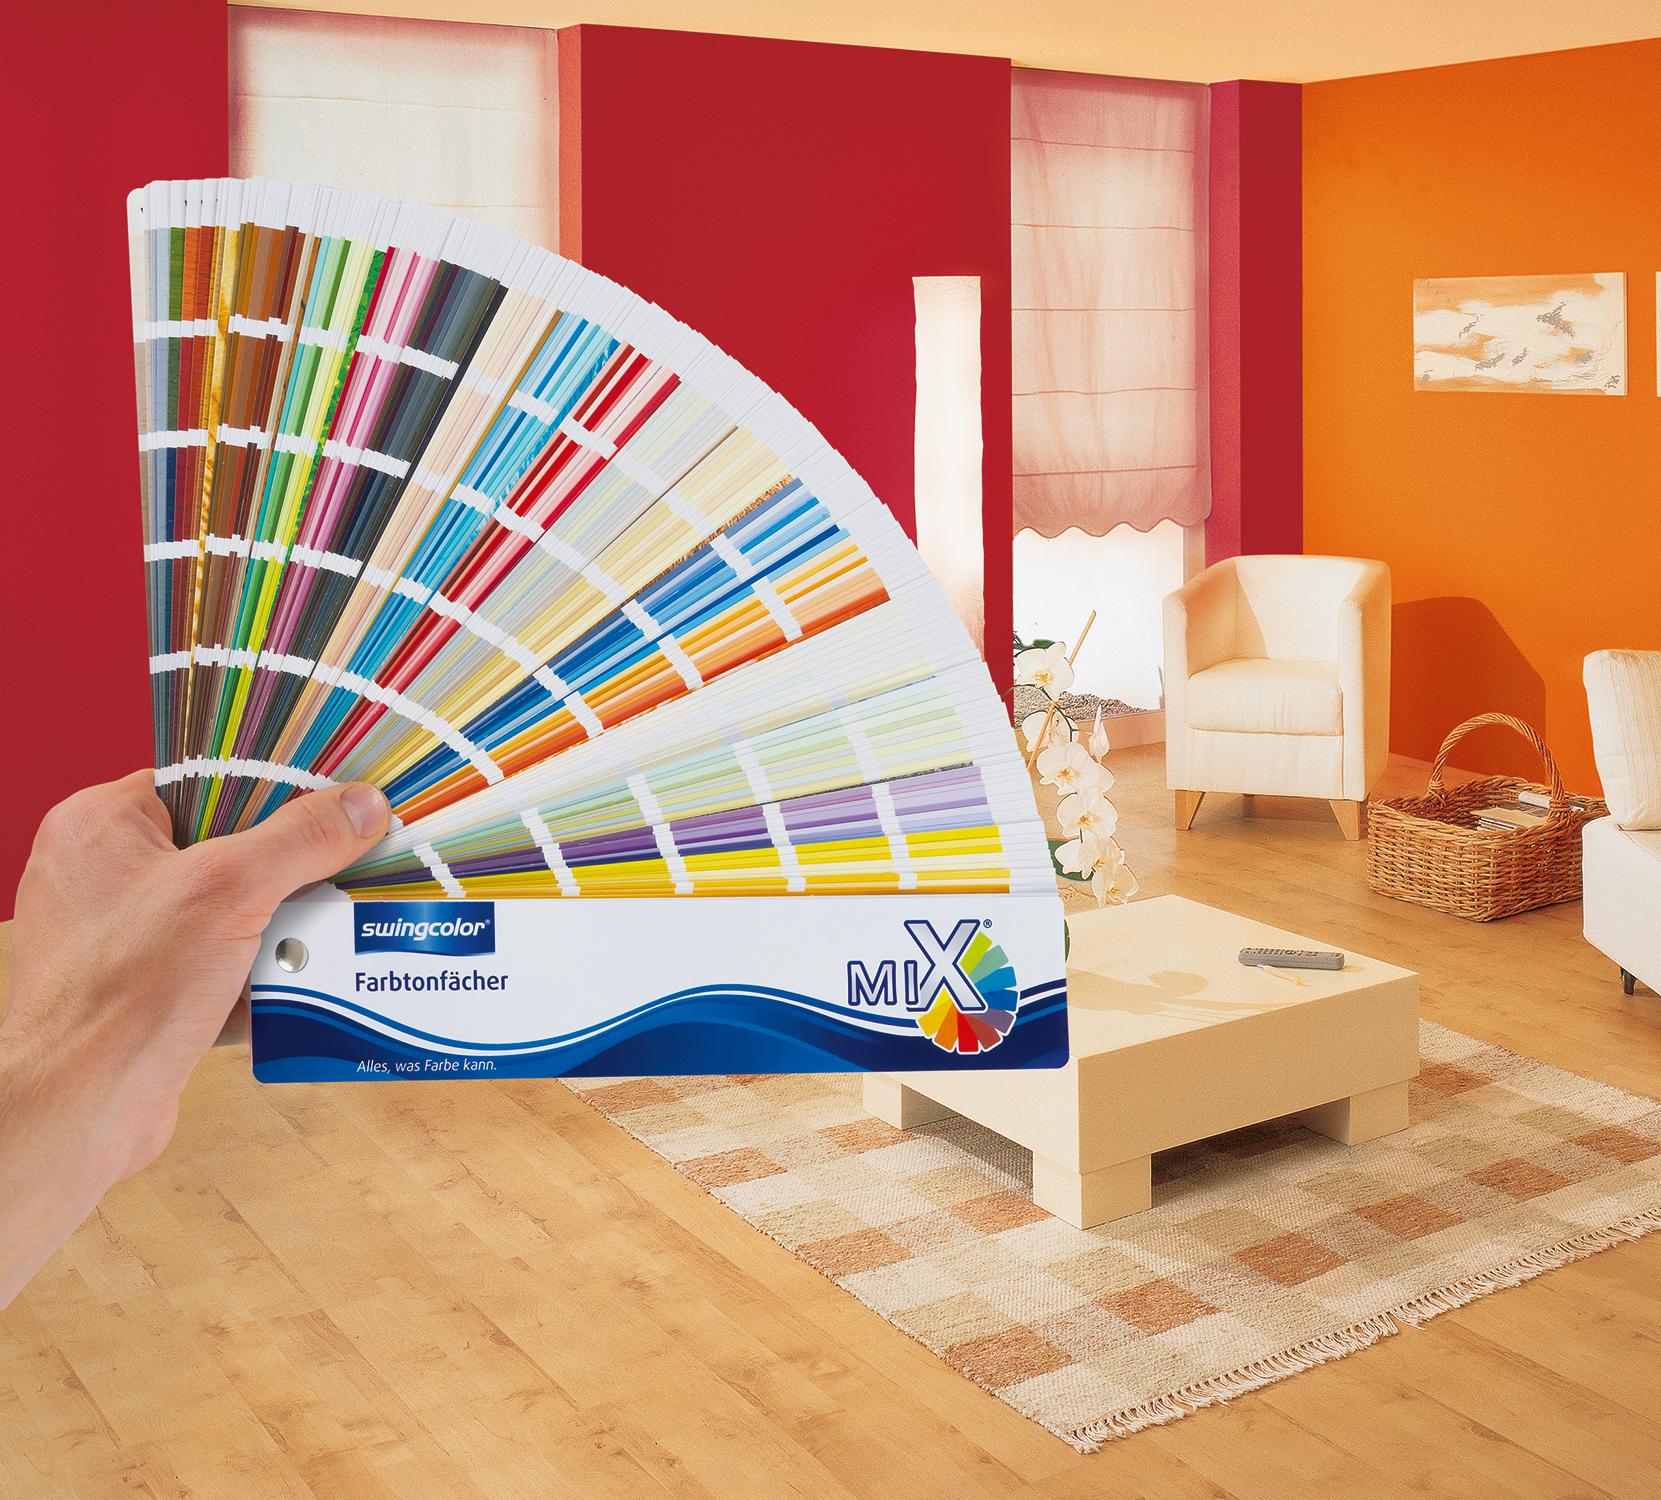 sonniges gelb klassisches altwei oder karibisches t rkis der farbton f r eure w nde und. Black Bedroom Furniture Sets. Home Design Ideas